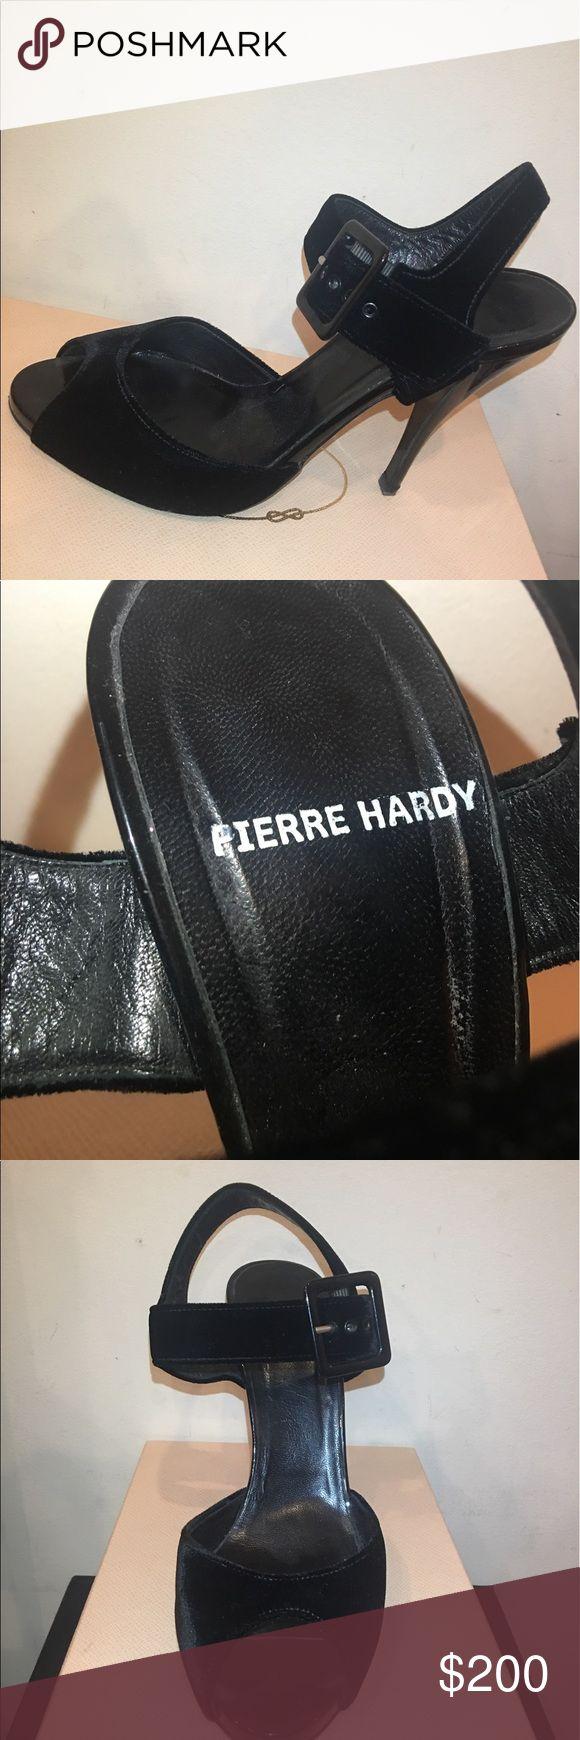 Pierre Hardy heels Gently used (worn twice) Pierre Hardy Shoes Heels